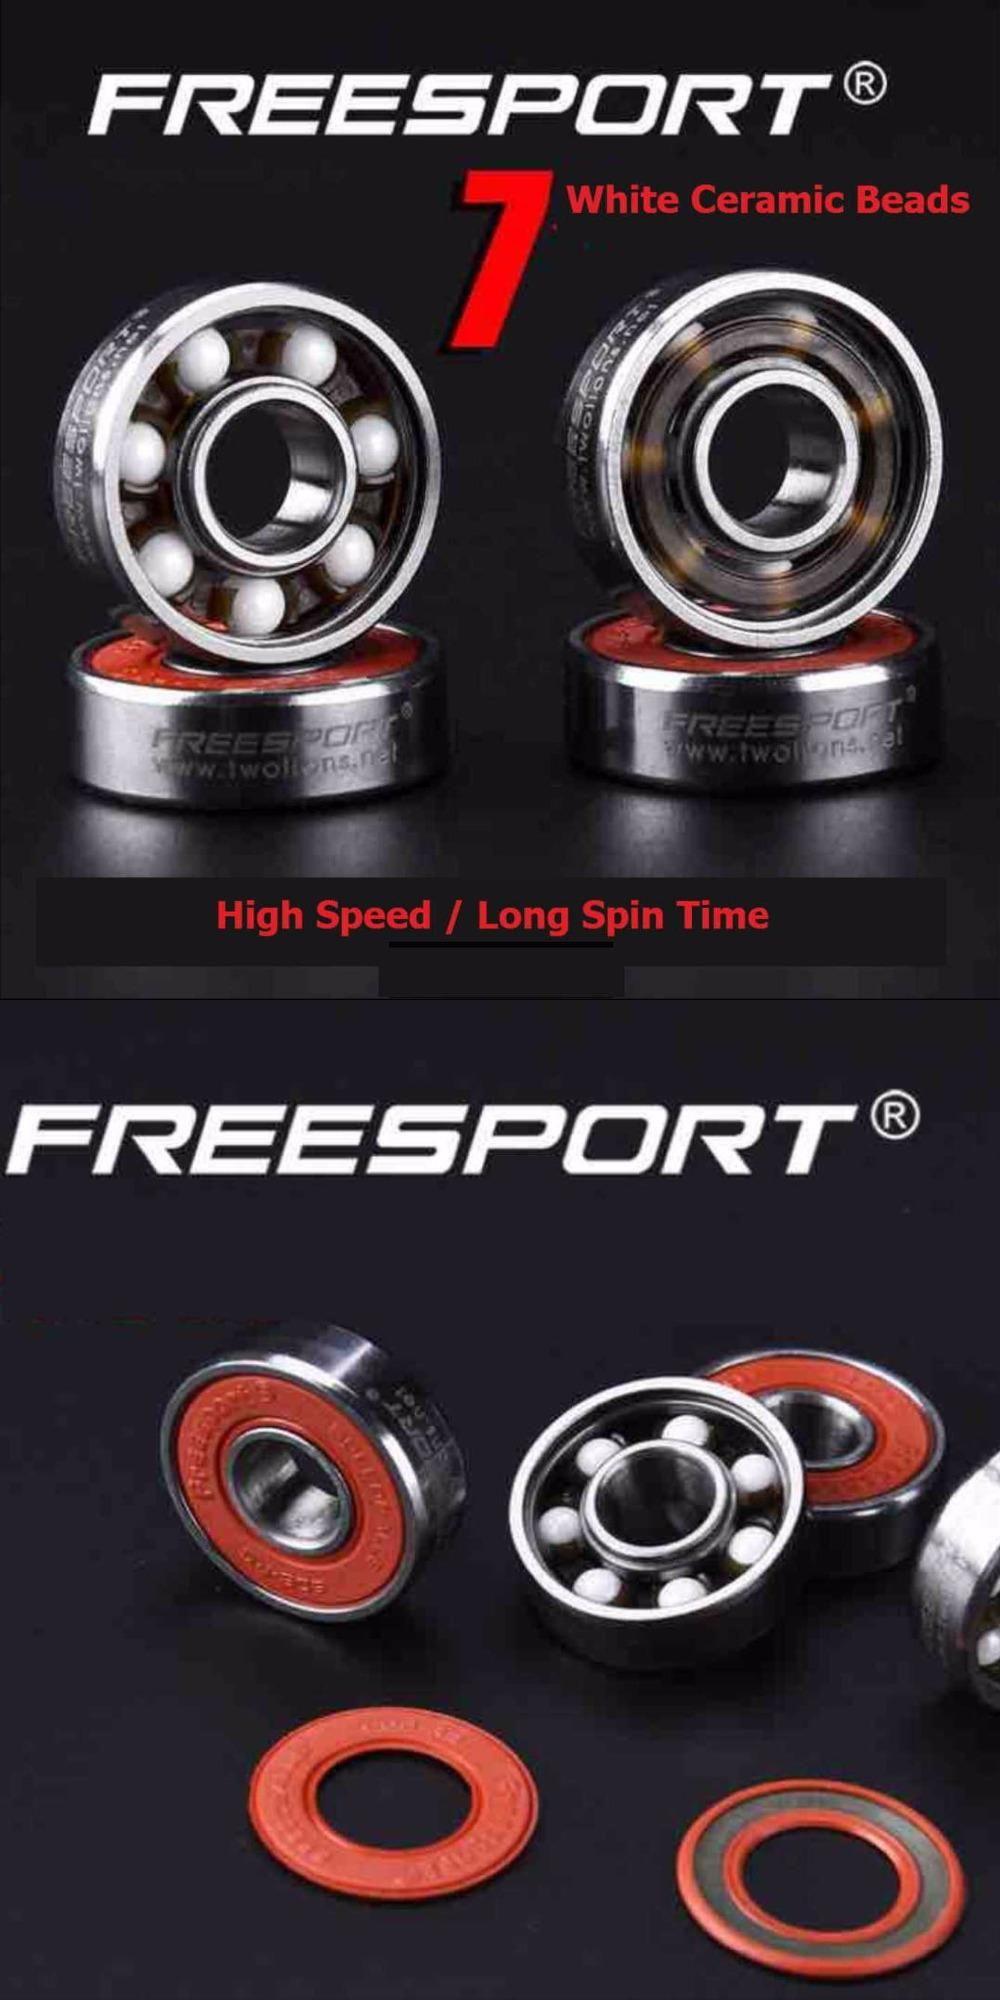 Visit To Buy 8 Piece Freesport 608 Hybrid Ceramic Bearing High Speed Abec 9 Inline Skate Bearings Skateboard Longb Skate Bearings Inline Skate Ceramic Beads